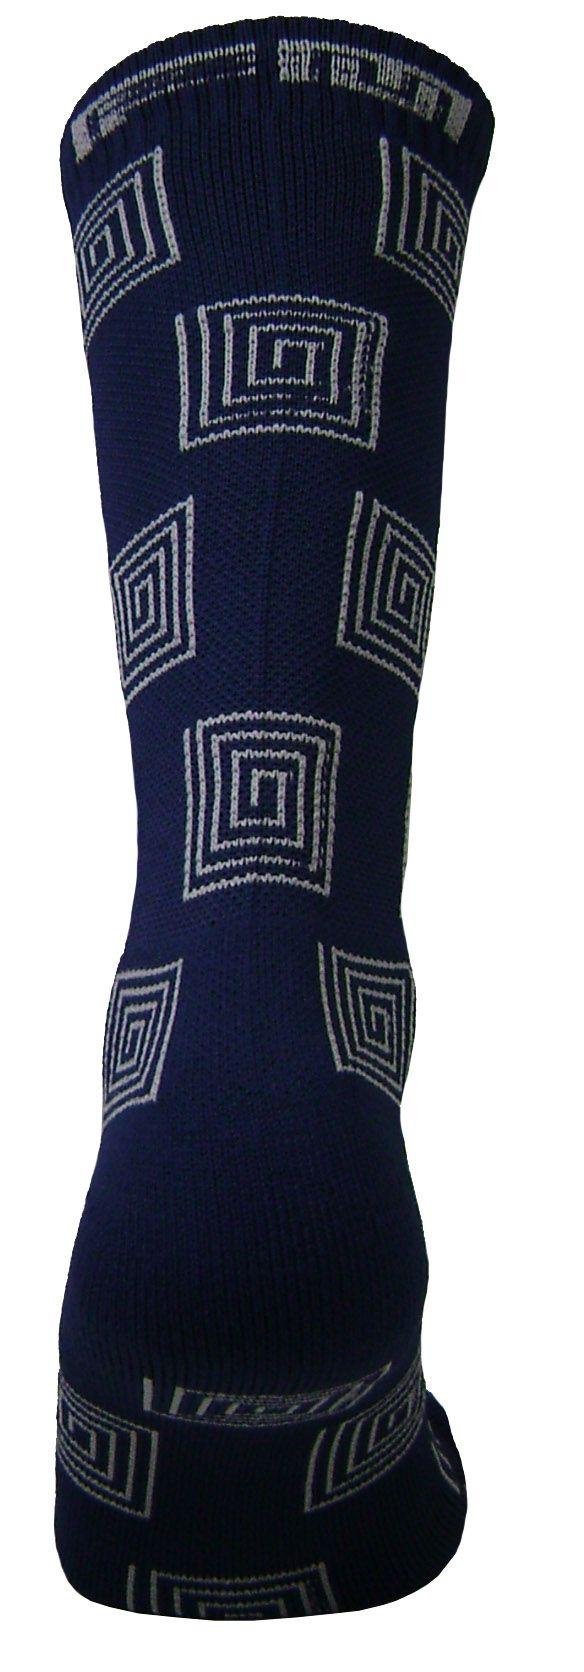 Par de meia Compressão cano médio - Espiral azul com cinza